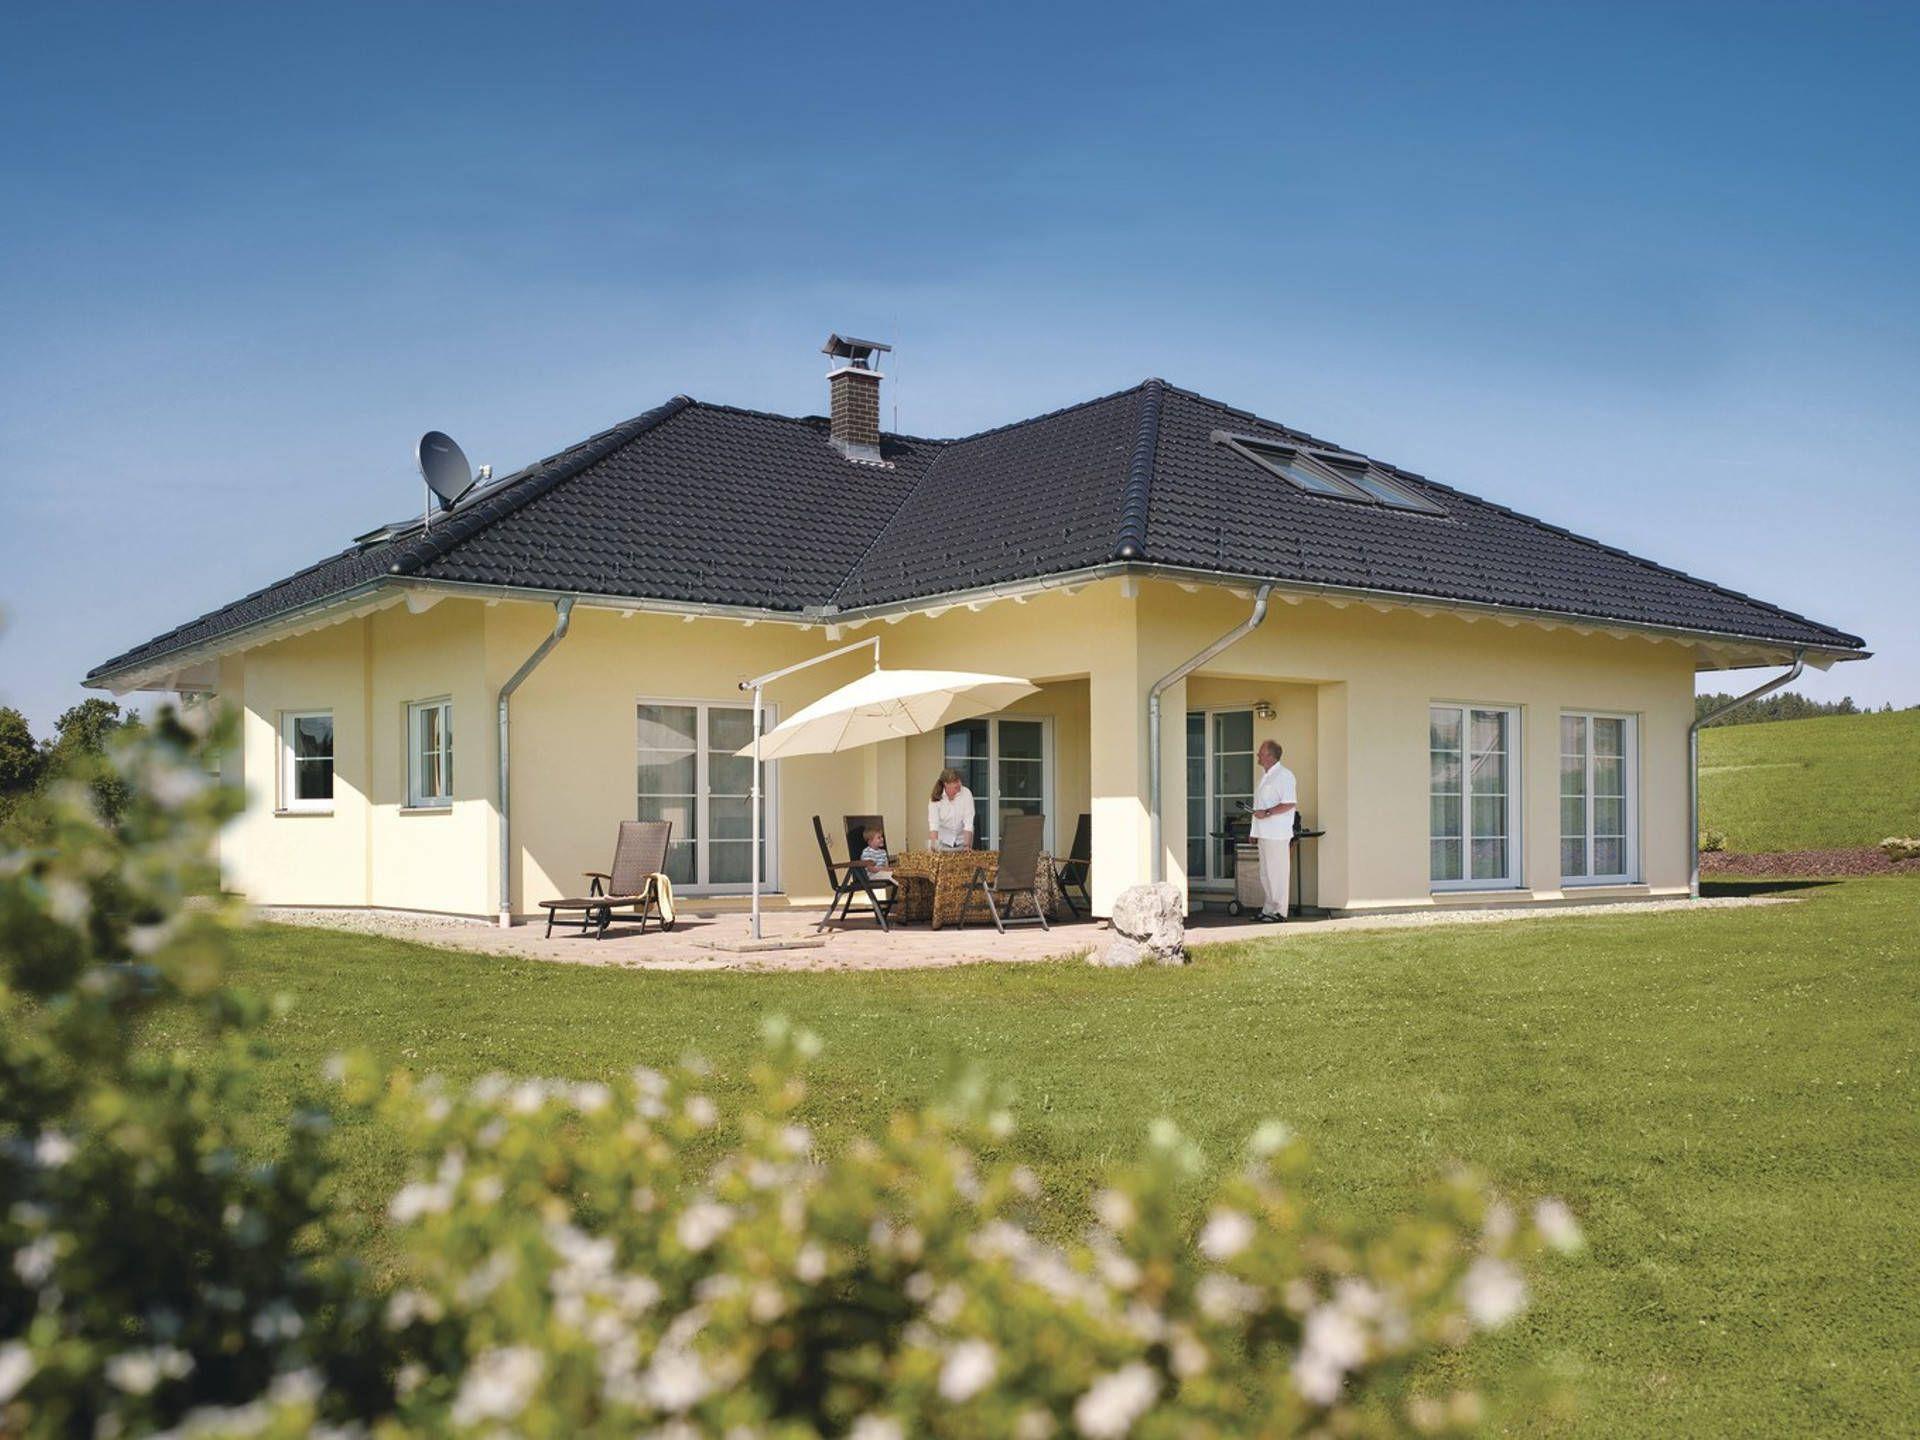 Fertighaus mediterran bungalow  11 besten Mediterranes Haus Bilder auf Pinterest | Einfamilienhaus ...